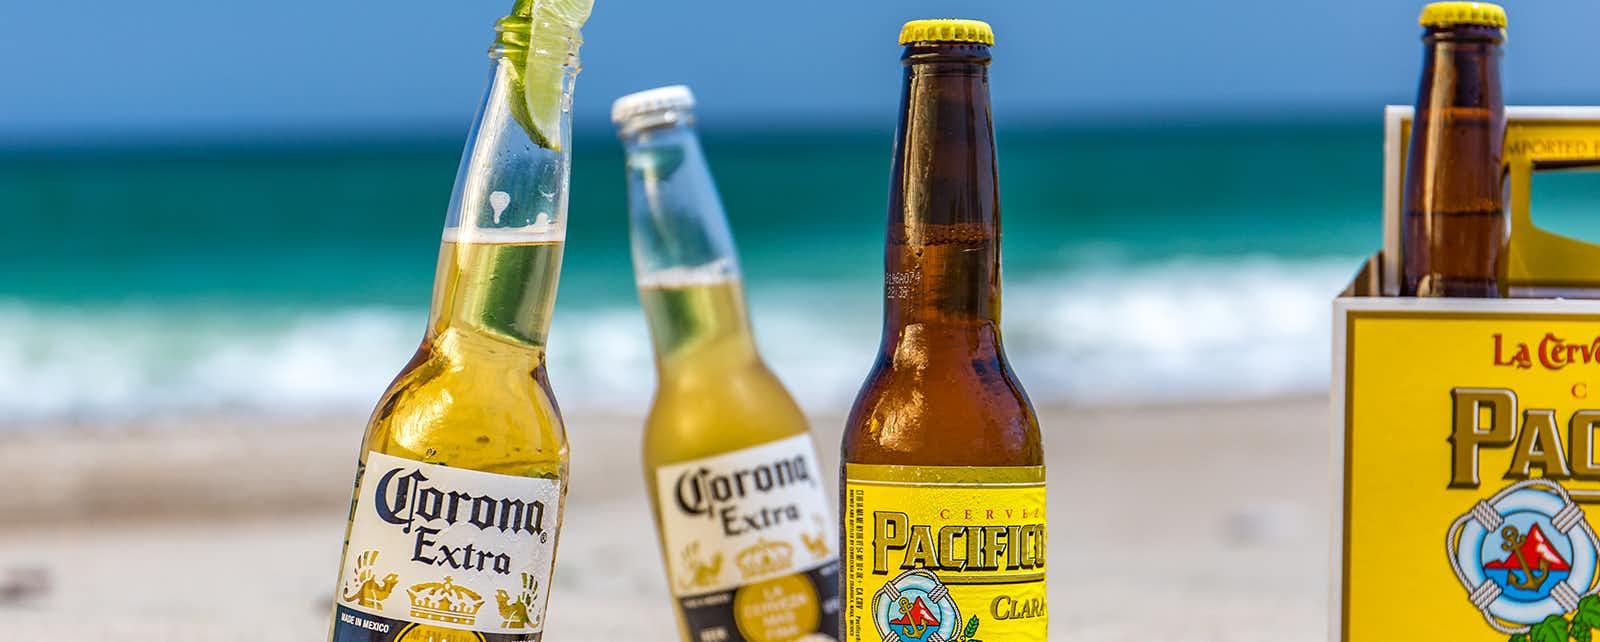 Editors Picks | 7 Best Summer Beers